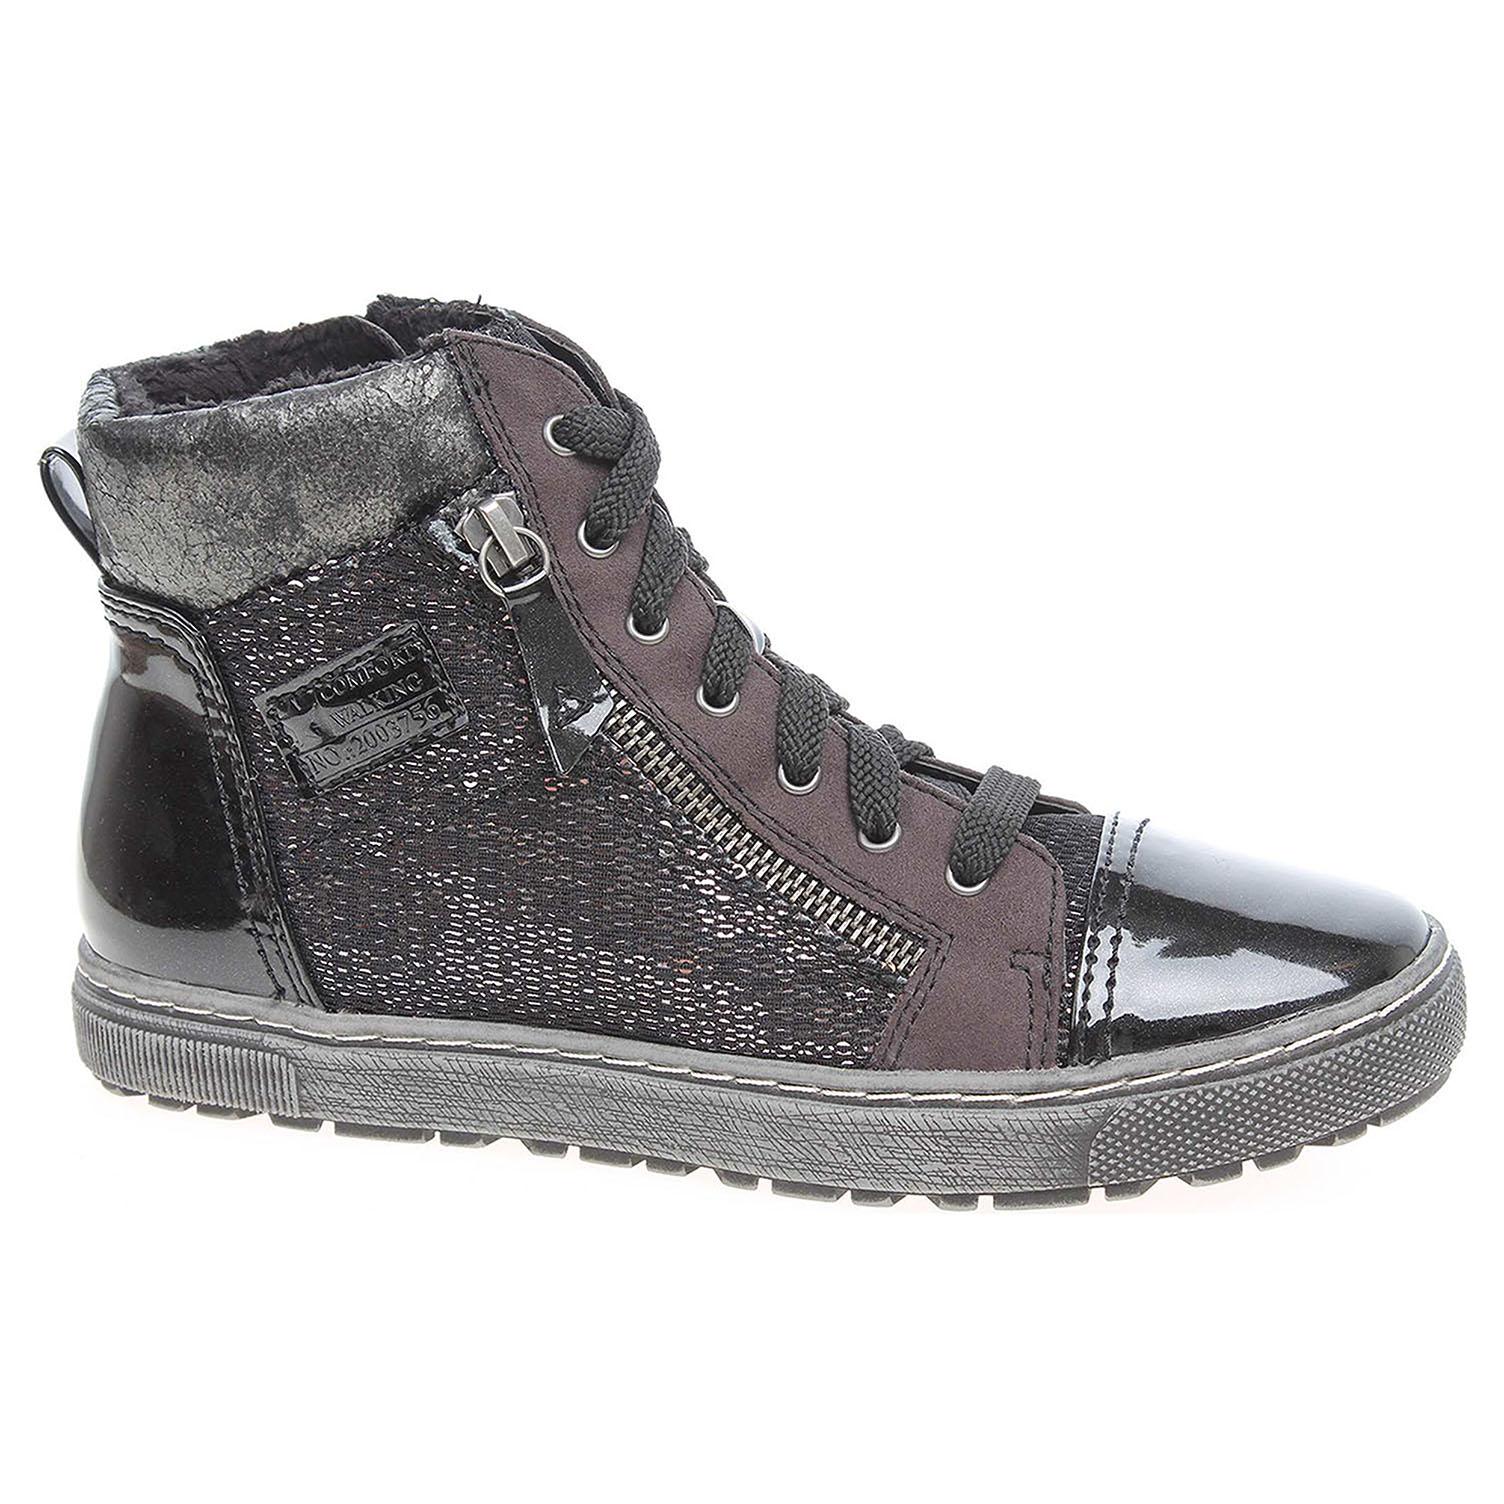 Dámská kotníková obuv Jana 8-26205-29 black comb 8-8-26205-29 098 39